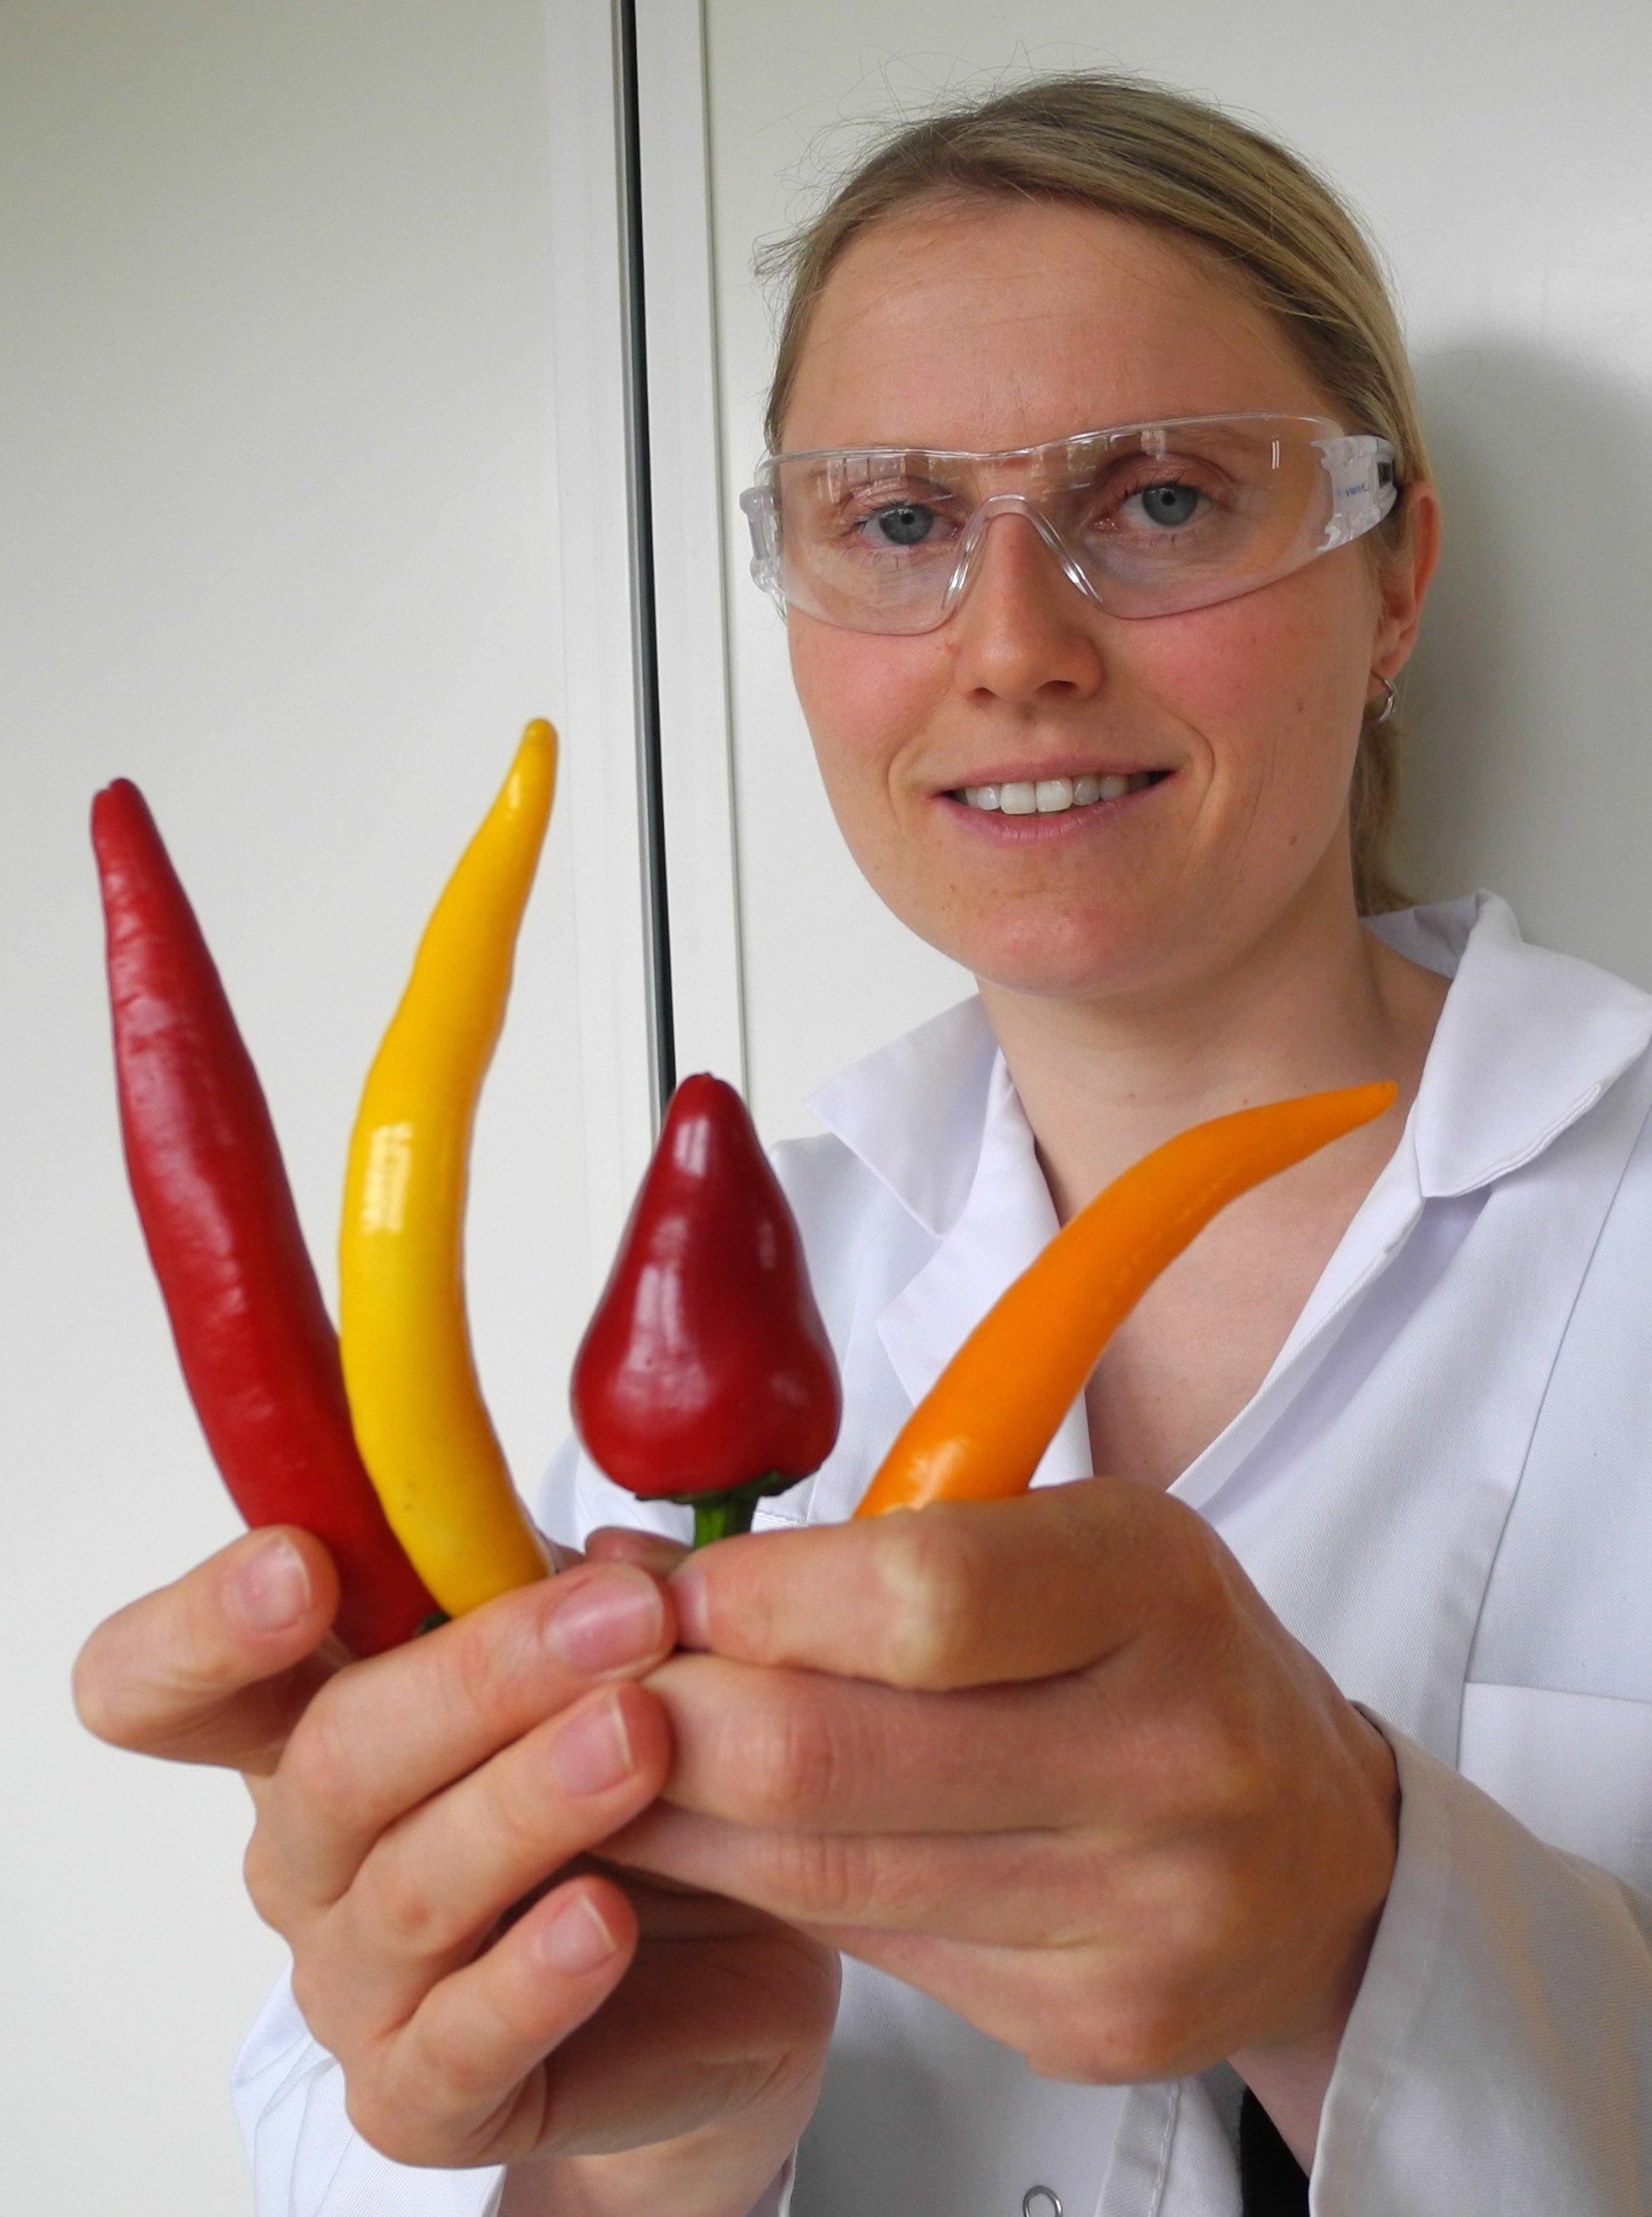 Désirée Schneider mit verschiedenen Chilischoten in den Händen: Die Ernährungswissenschaftlerinist der Frage nachgegangen, wie der Schärfereiz von Chili am besten neutralisiert werden kann.